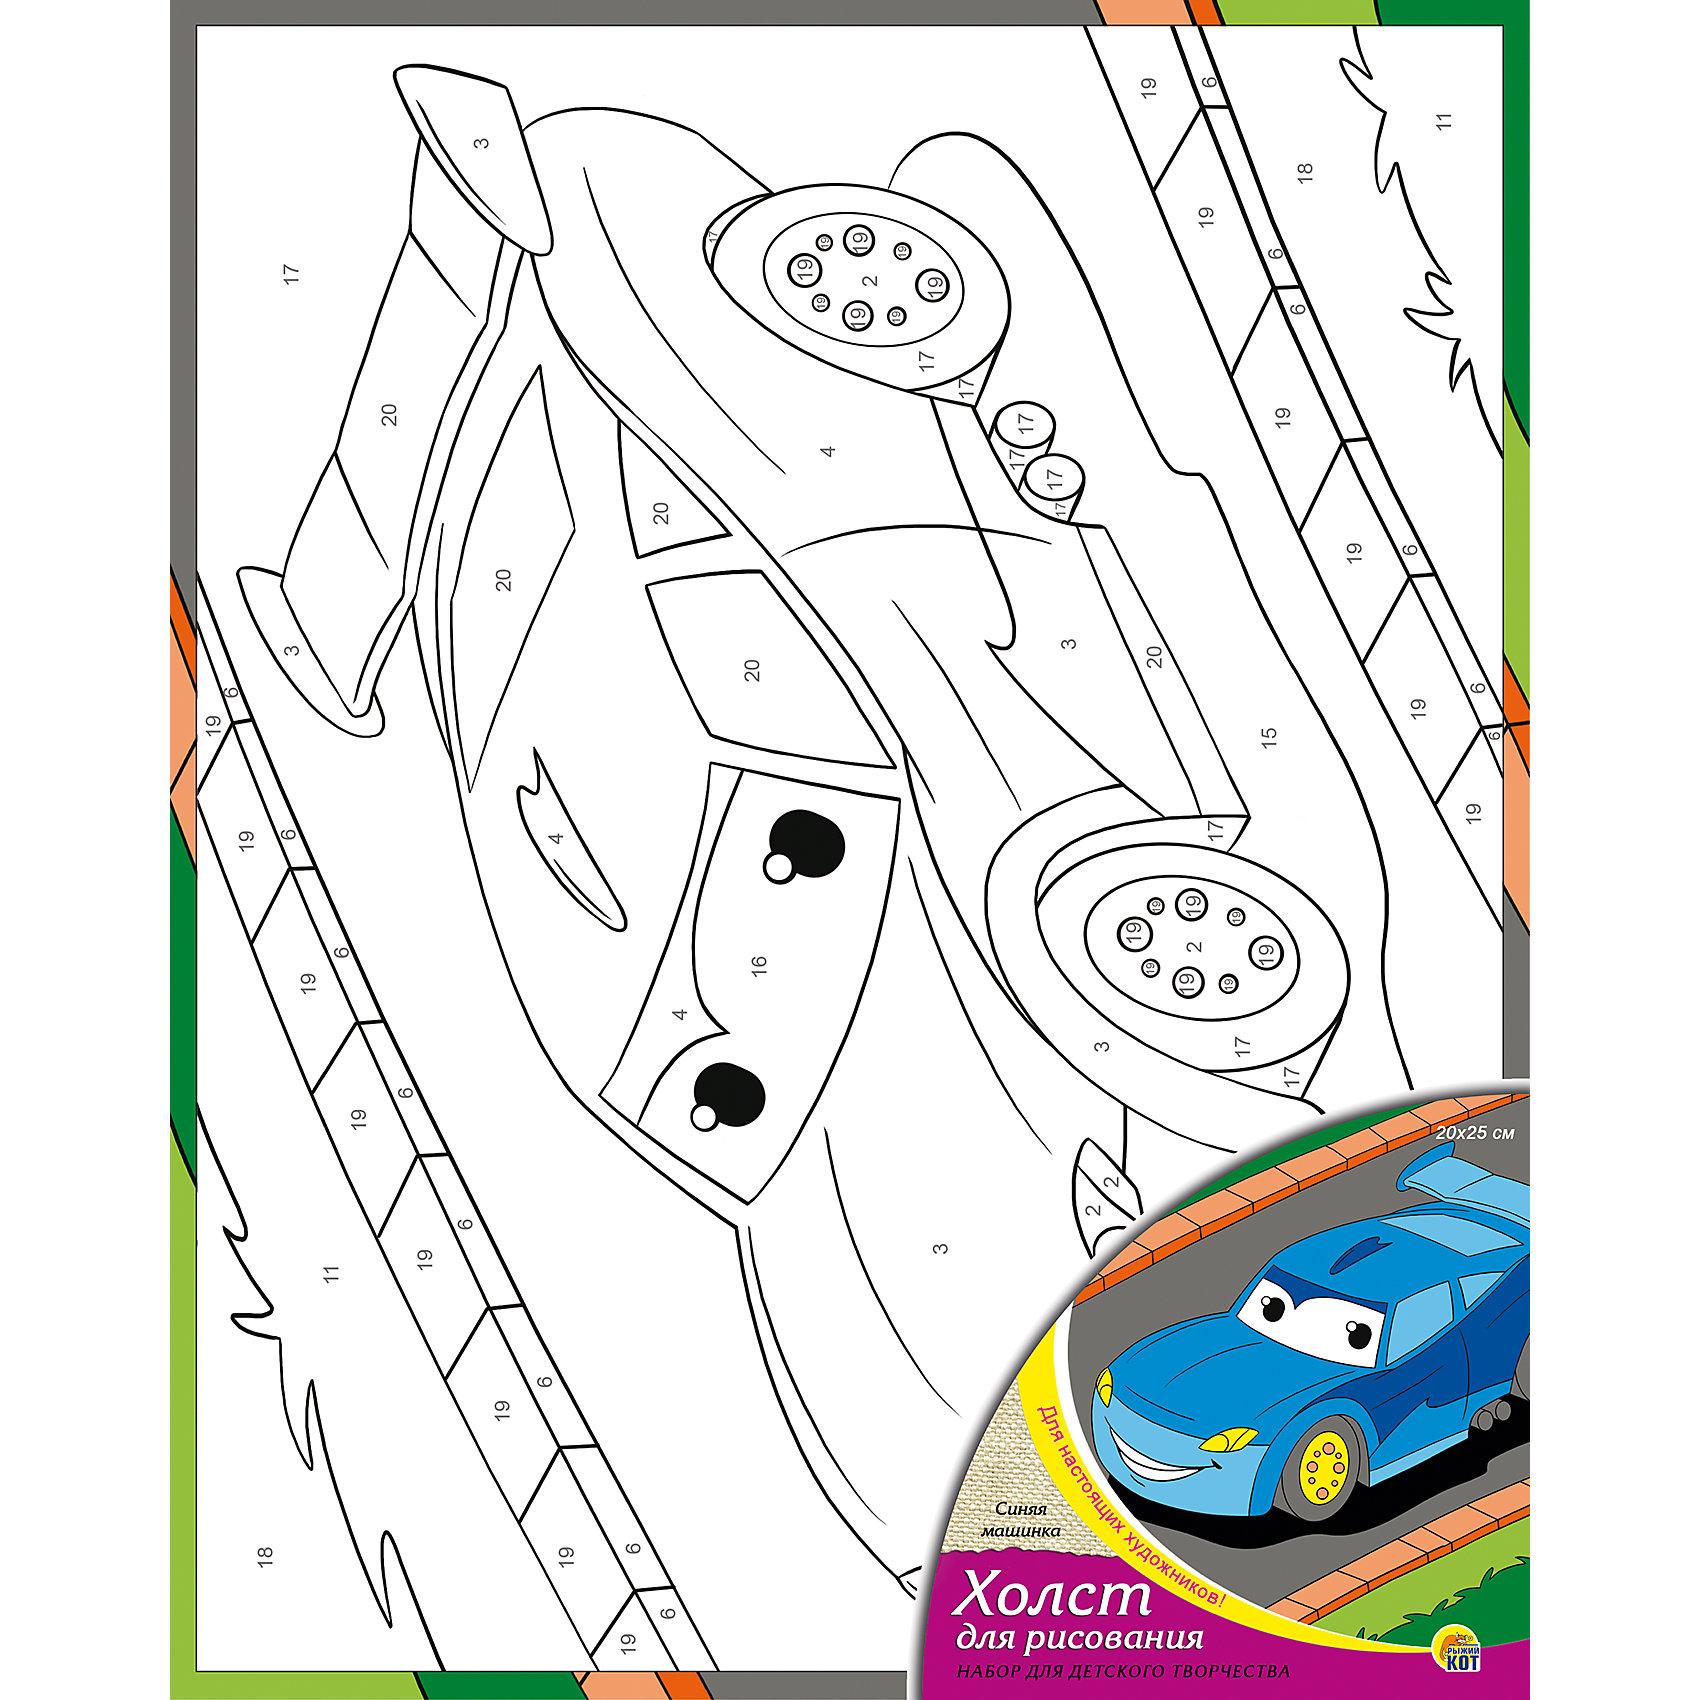 Холст с красками по номерам Синяя машинка 20х25 смРисование<br>замечательные наборы для создания уникального шедевра изобразительного искусства. Создание картин на специально подготовленной рабочей поверхности – это уникальная техника, позволяющая делать Ваши шедевры более яркими и реалистичными. Просто нанесите мазки на уже готовый эскиз и оживите картину! Готовые изделия могут стать украшением интерьера или прекрасным подарком близким и друзьям.<br><br>Ширина мм: 200<br>Глубина мм: 250<br>Высота мм: 15<br>Вес г: 417<br>Возраст от месяцев: 36<br>Возраст до месяцев: 108<br>Пол: Унисекс<br>Возраст: Детский<br>SKU: 5096740